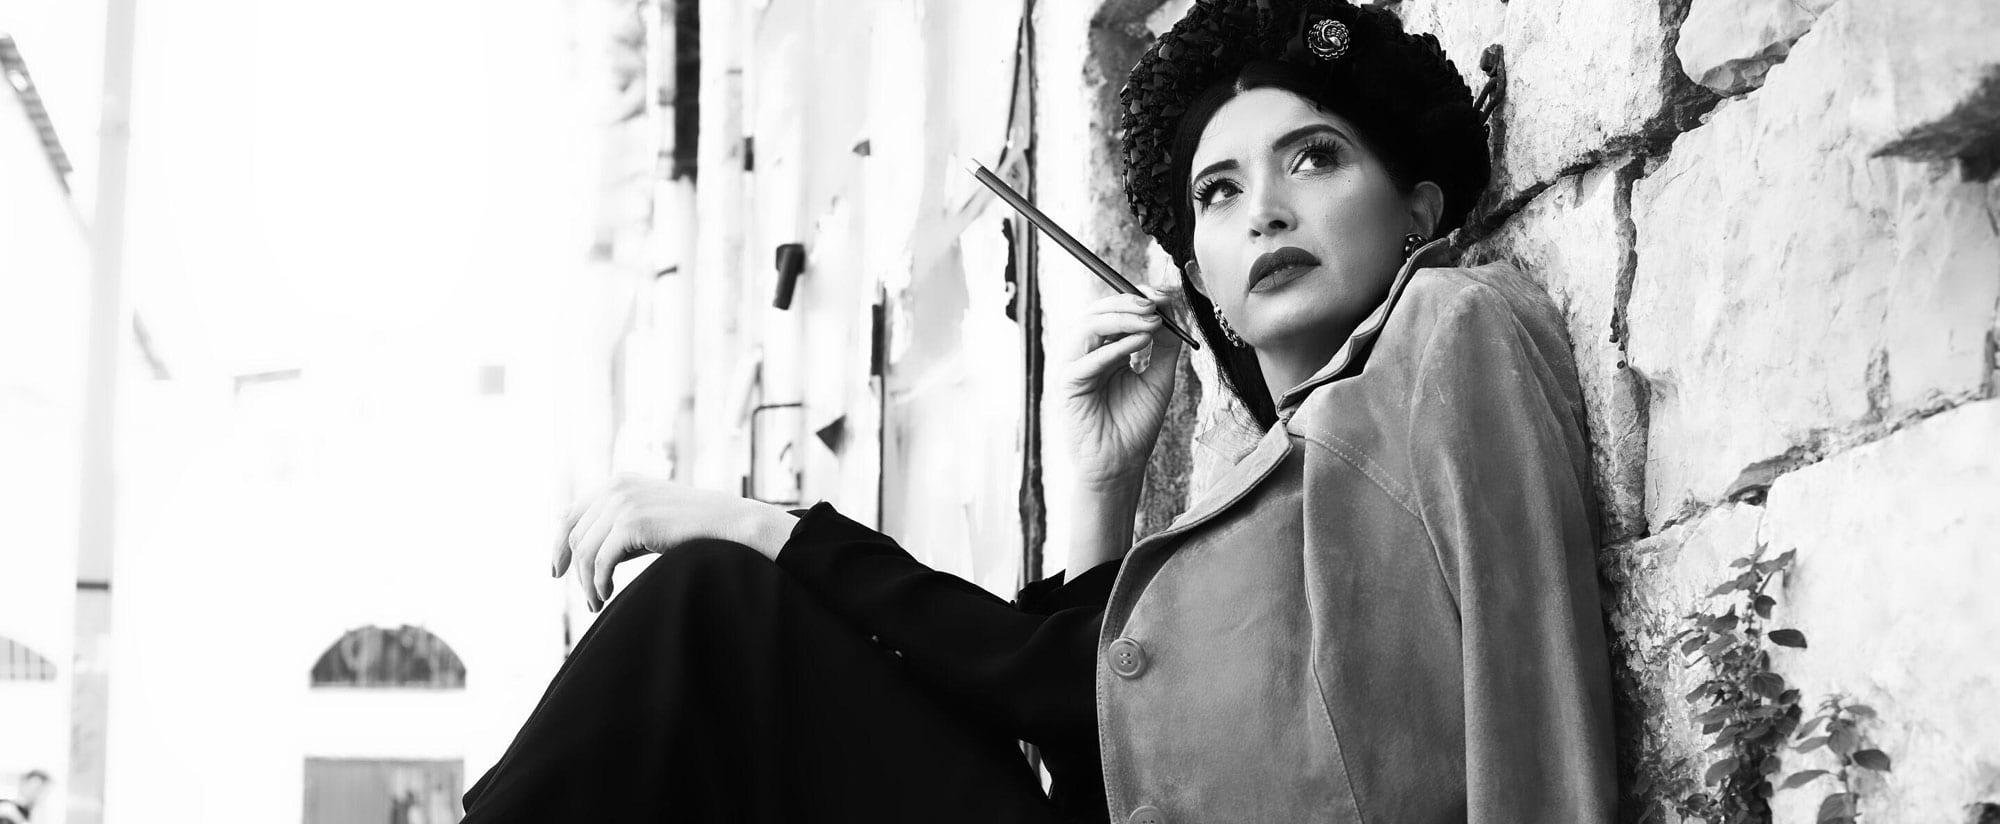 חליפה prada, גקט buberry - אוסף לוני וינטג. מאיה אושרי כהן. צילום: צילום: Kim Kandler